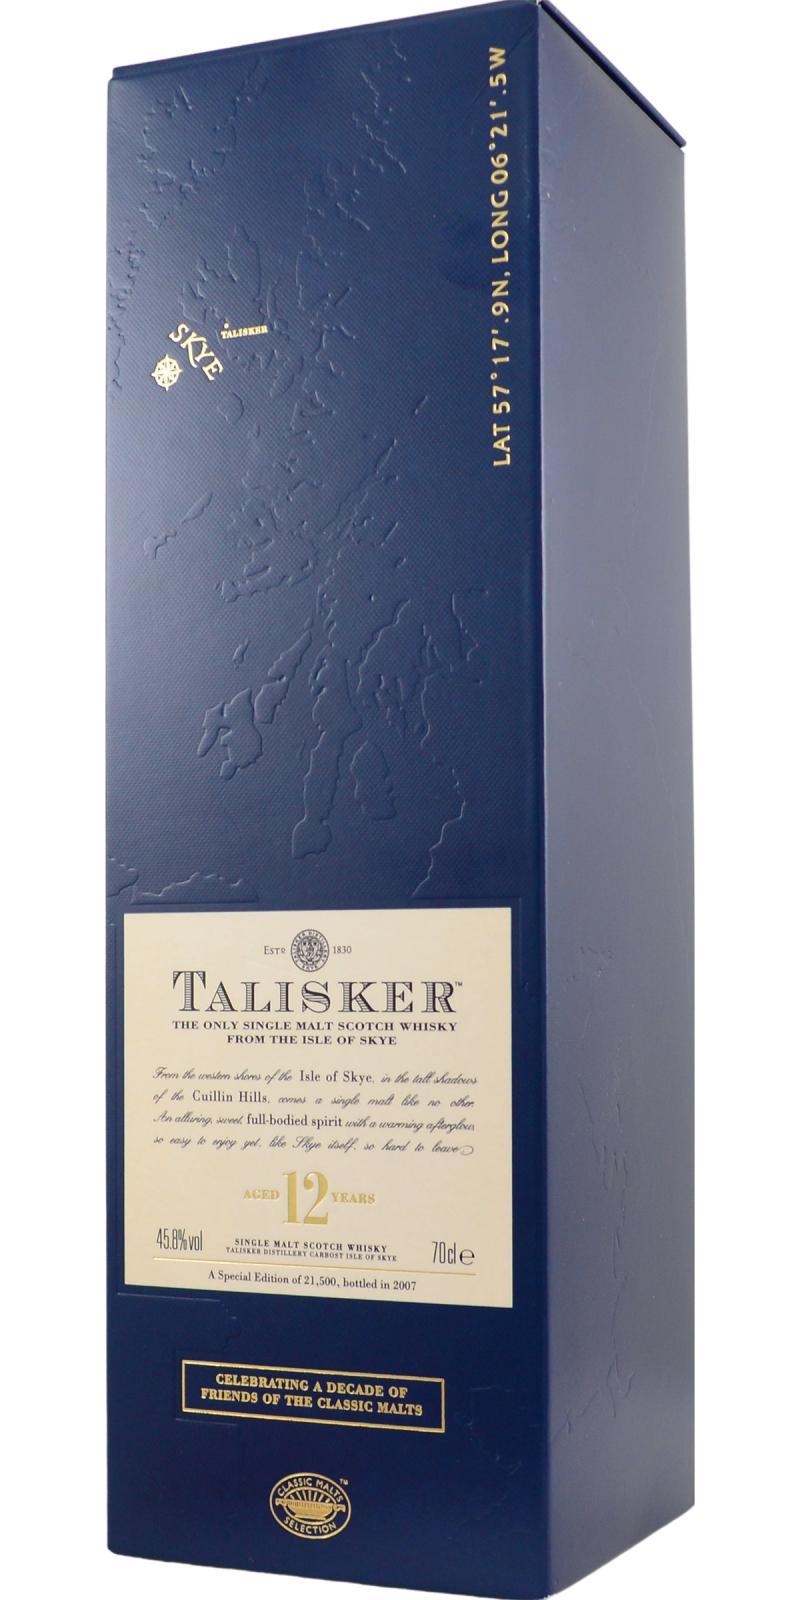 Talisker 12-year-old